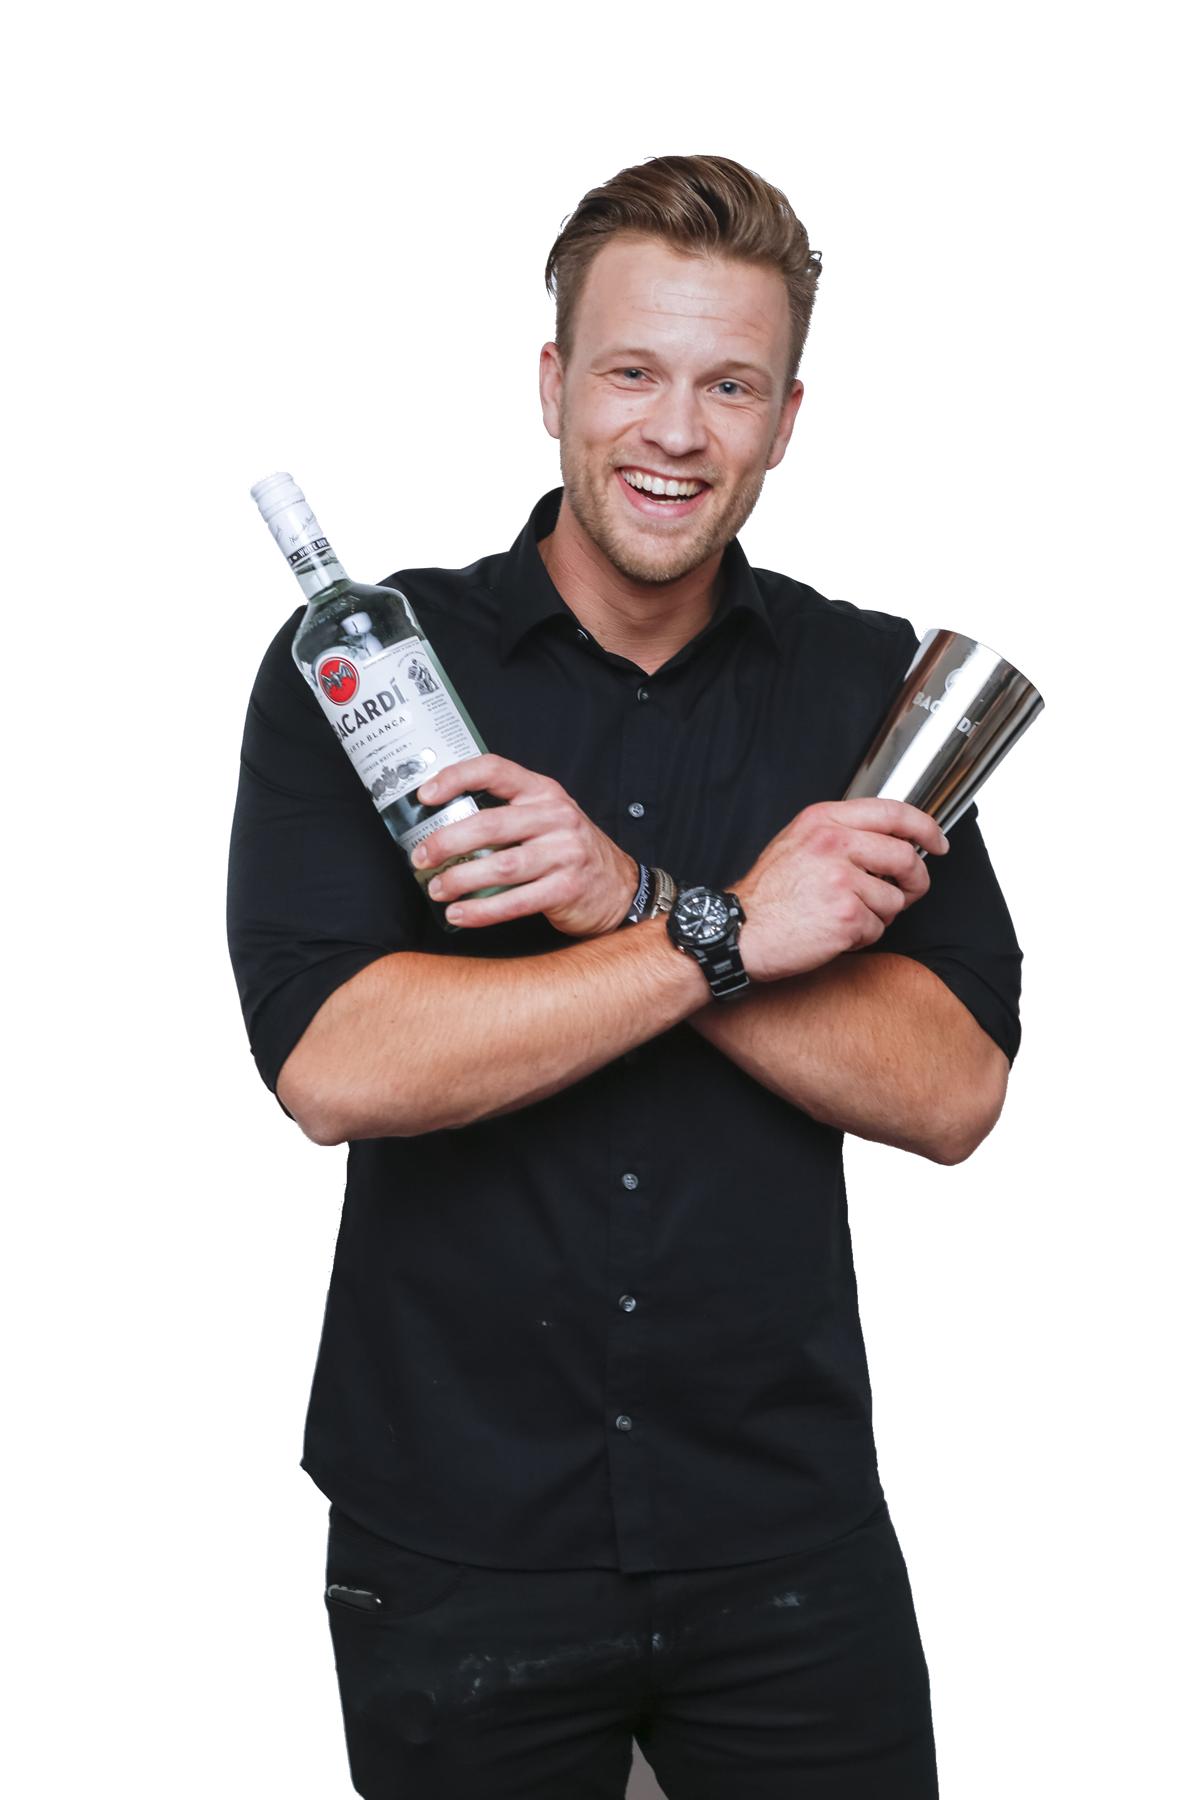 Shakeking Pim - hoofd cocktailshaker